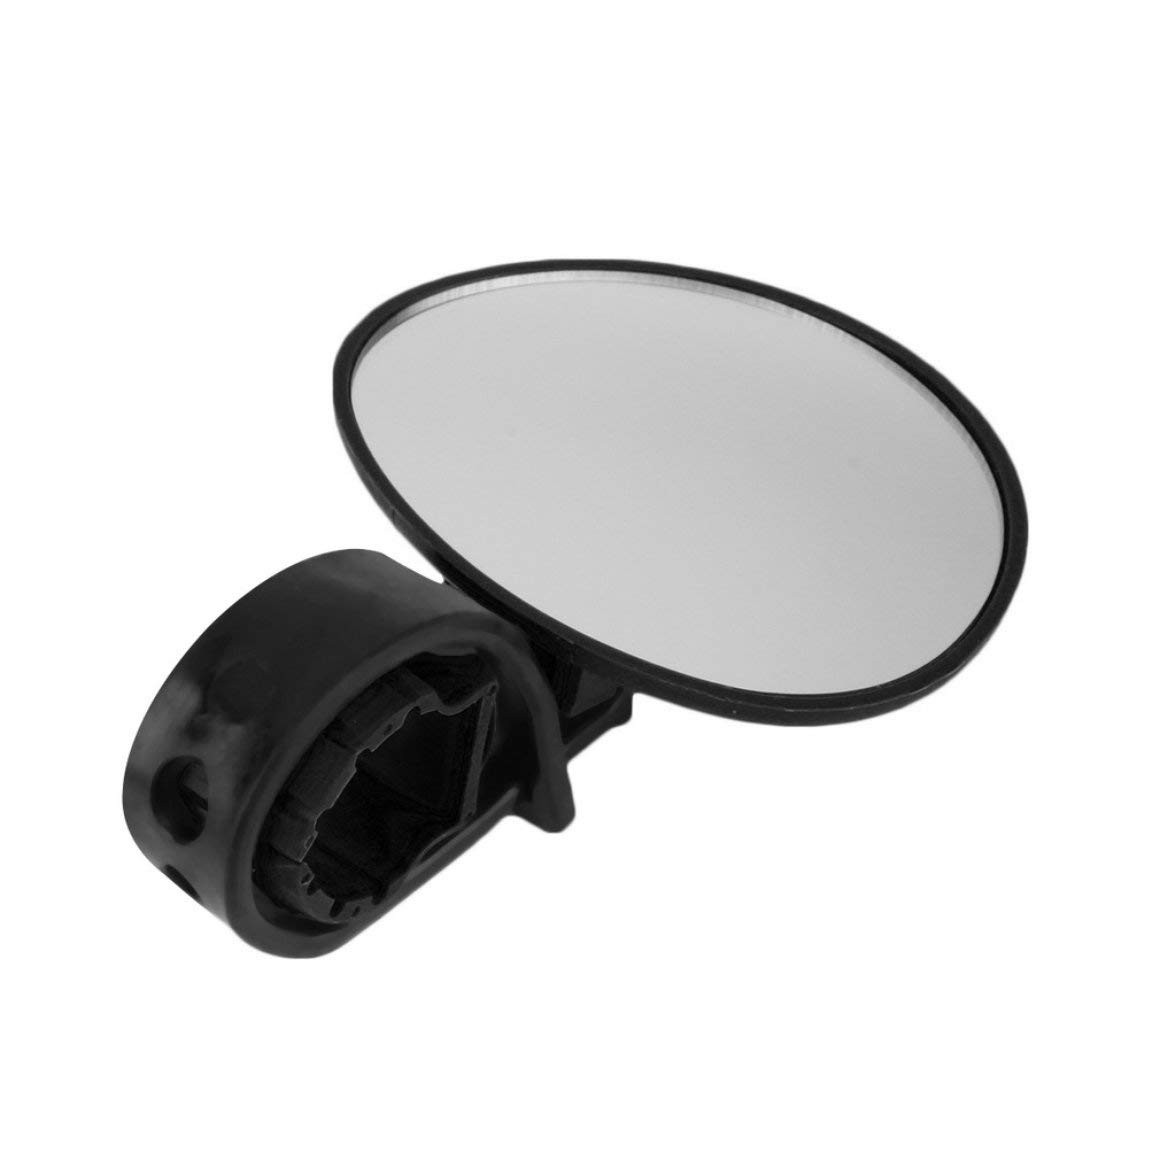 Funnyrunstore Bike V/élo Cyclisme Universel R/églable R/étroviseur Guidon Rearview Mirror Accessoires v/élo Flexible S/écurit/é Rearview Couleur: Noir